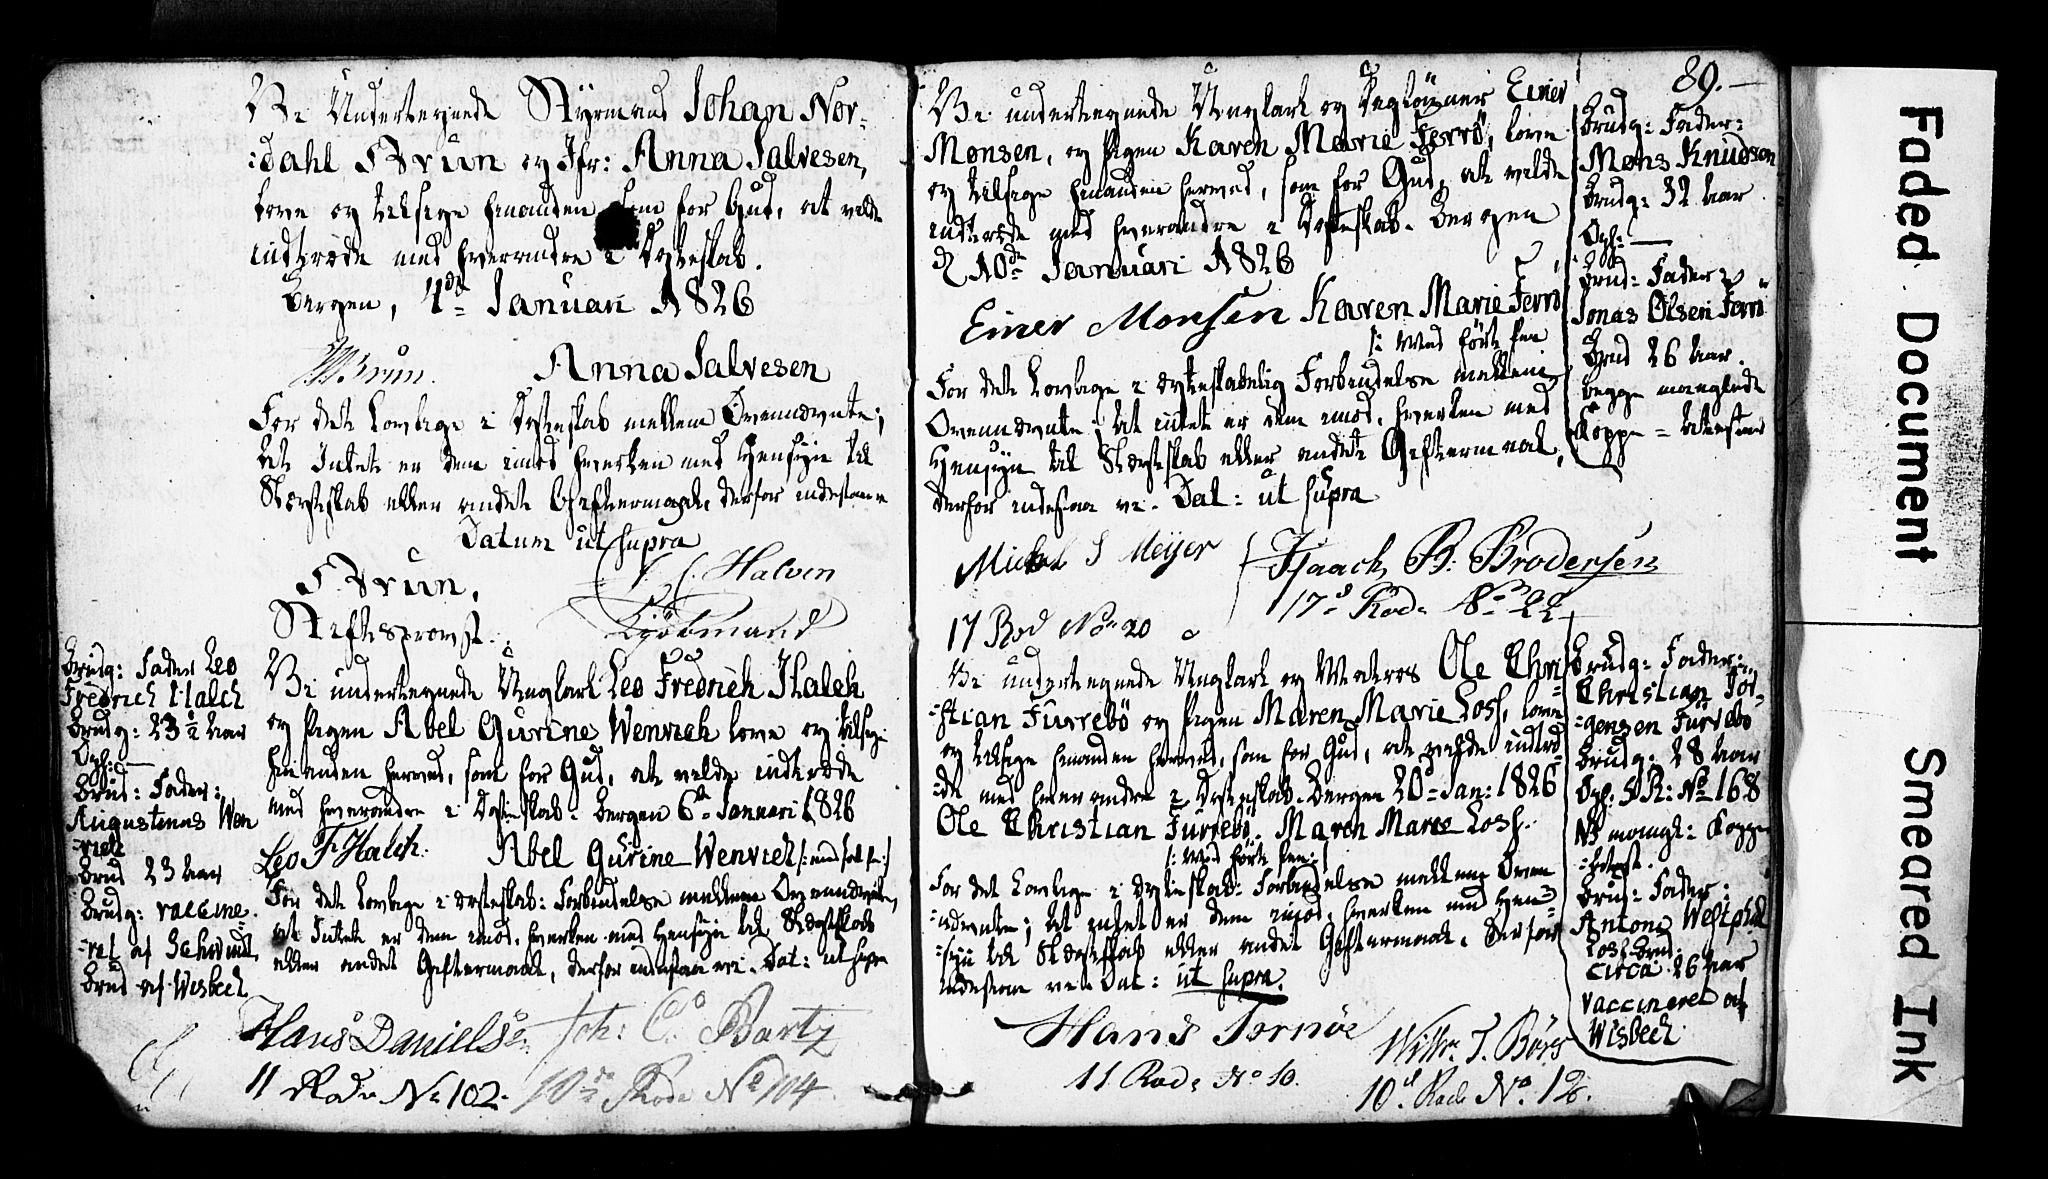 SAB, Domkirken Sokneprestembete, Forlovererklæringer nr. II.5.2, 1820-1832, s. 89